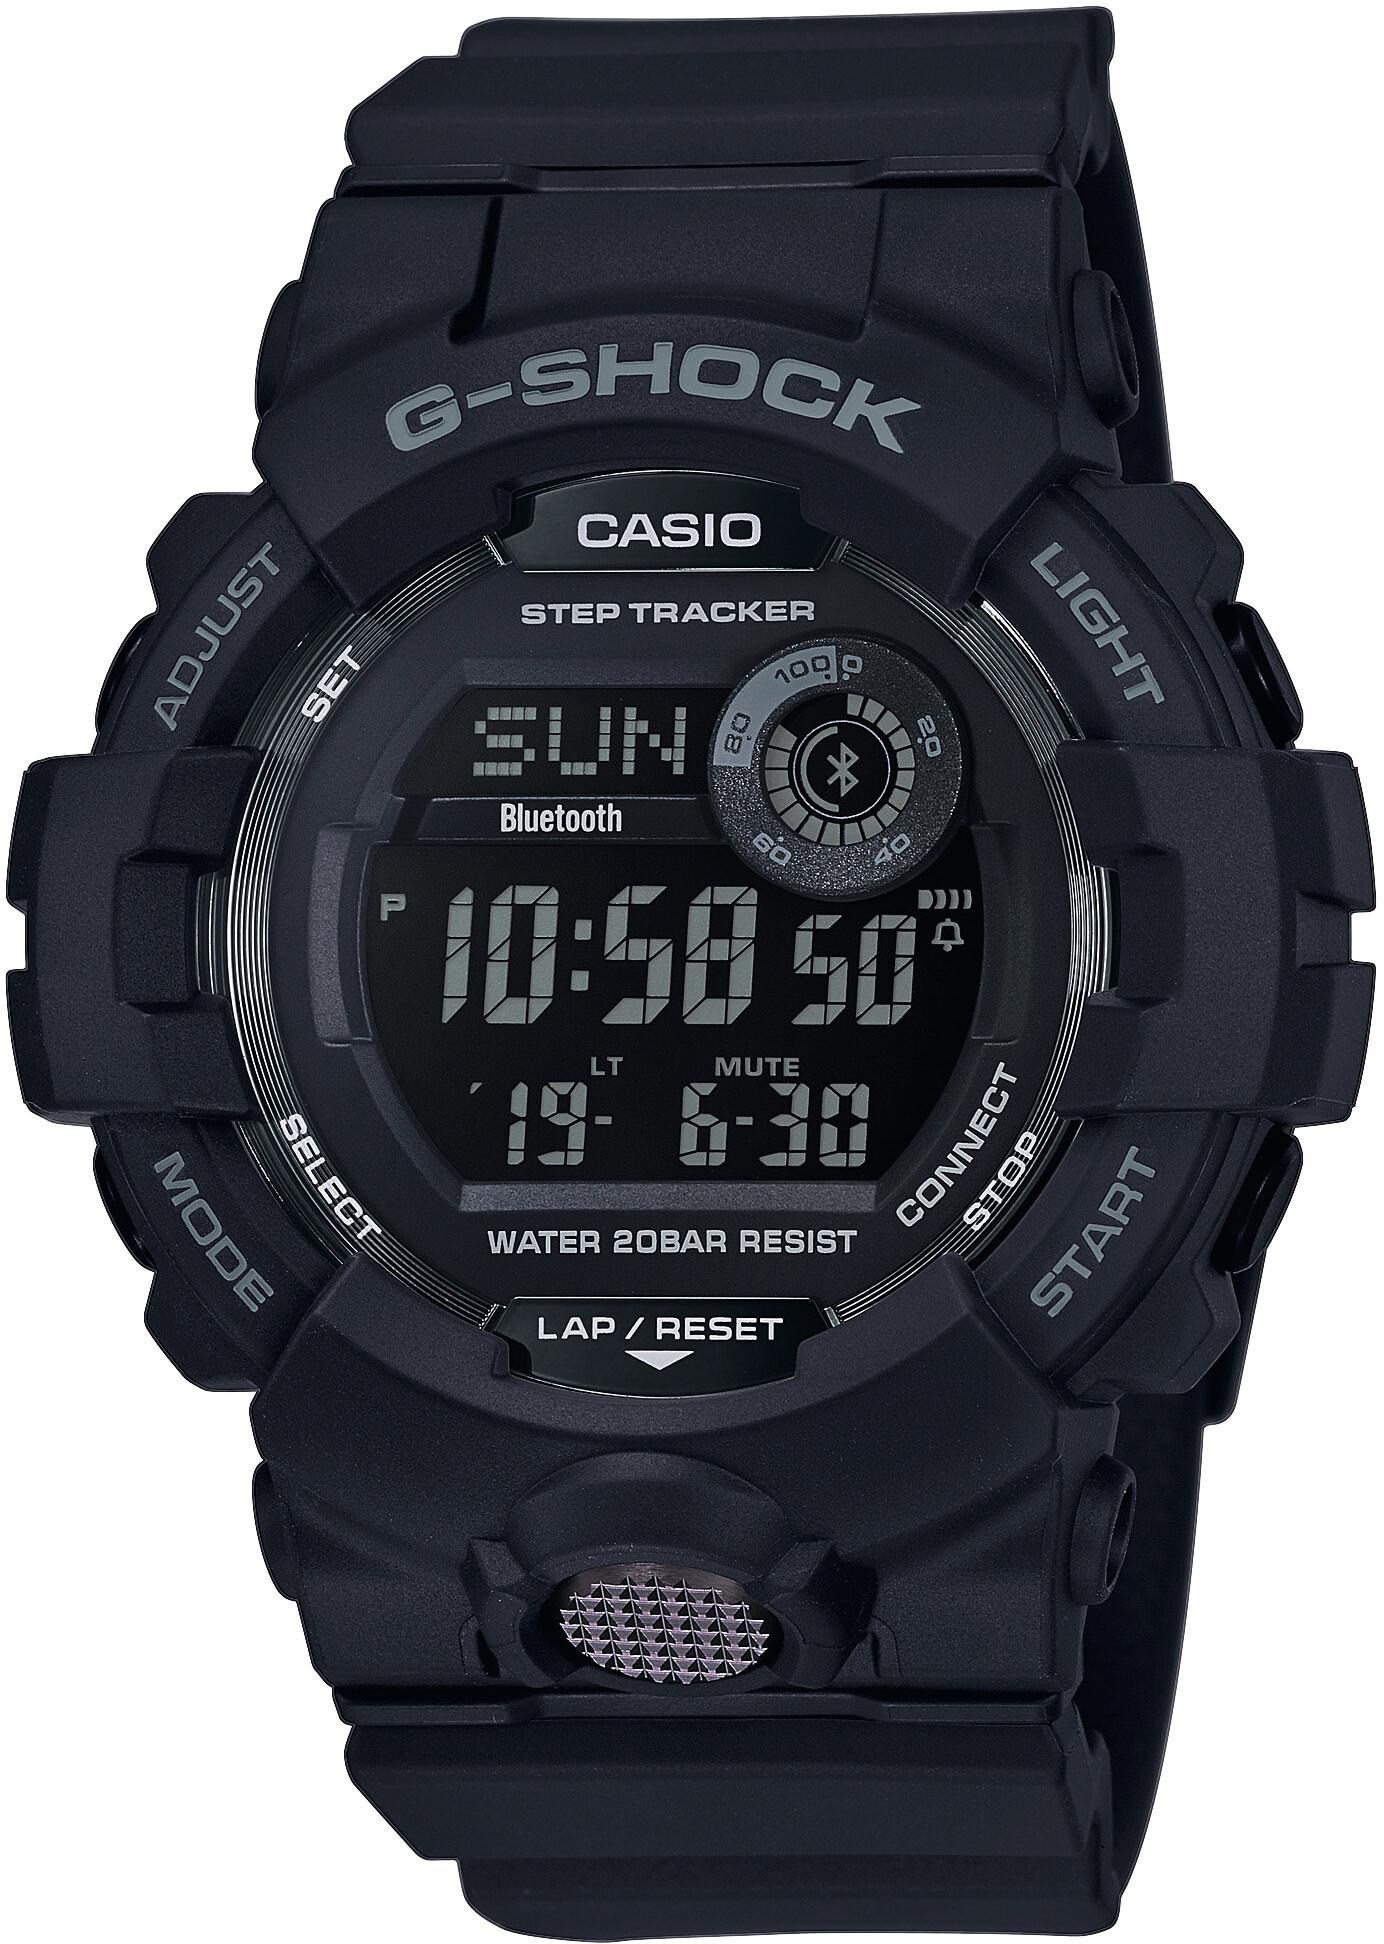 CASIO G-SHOCK GBD-800-1BER Ur Herrer, black/black/black (2019)   Sports watches